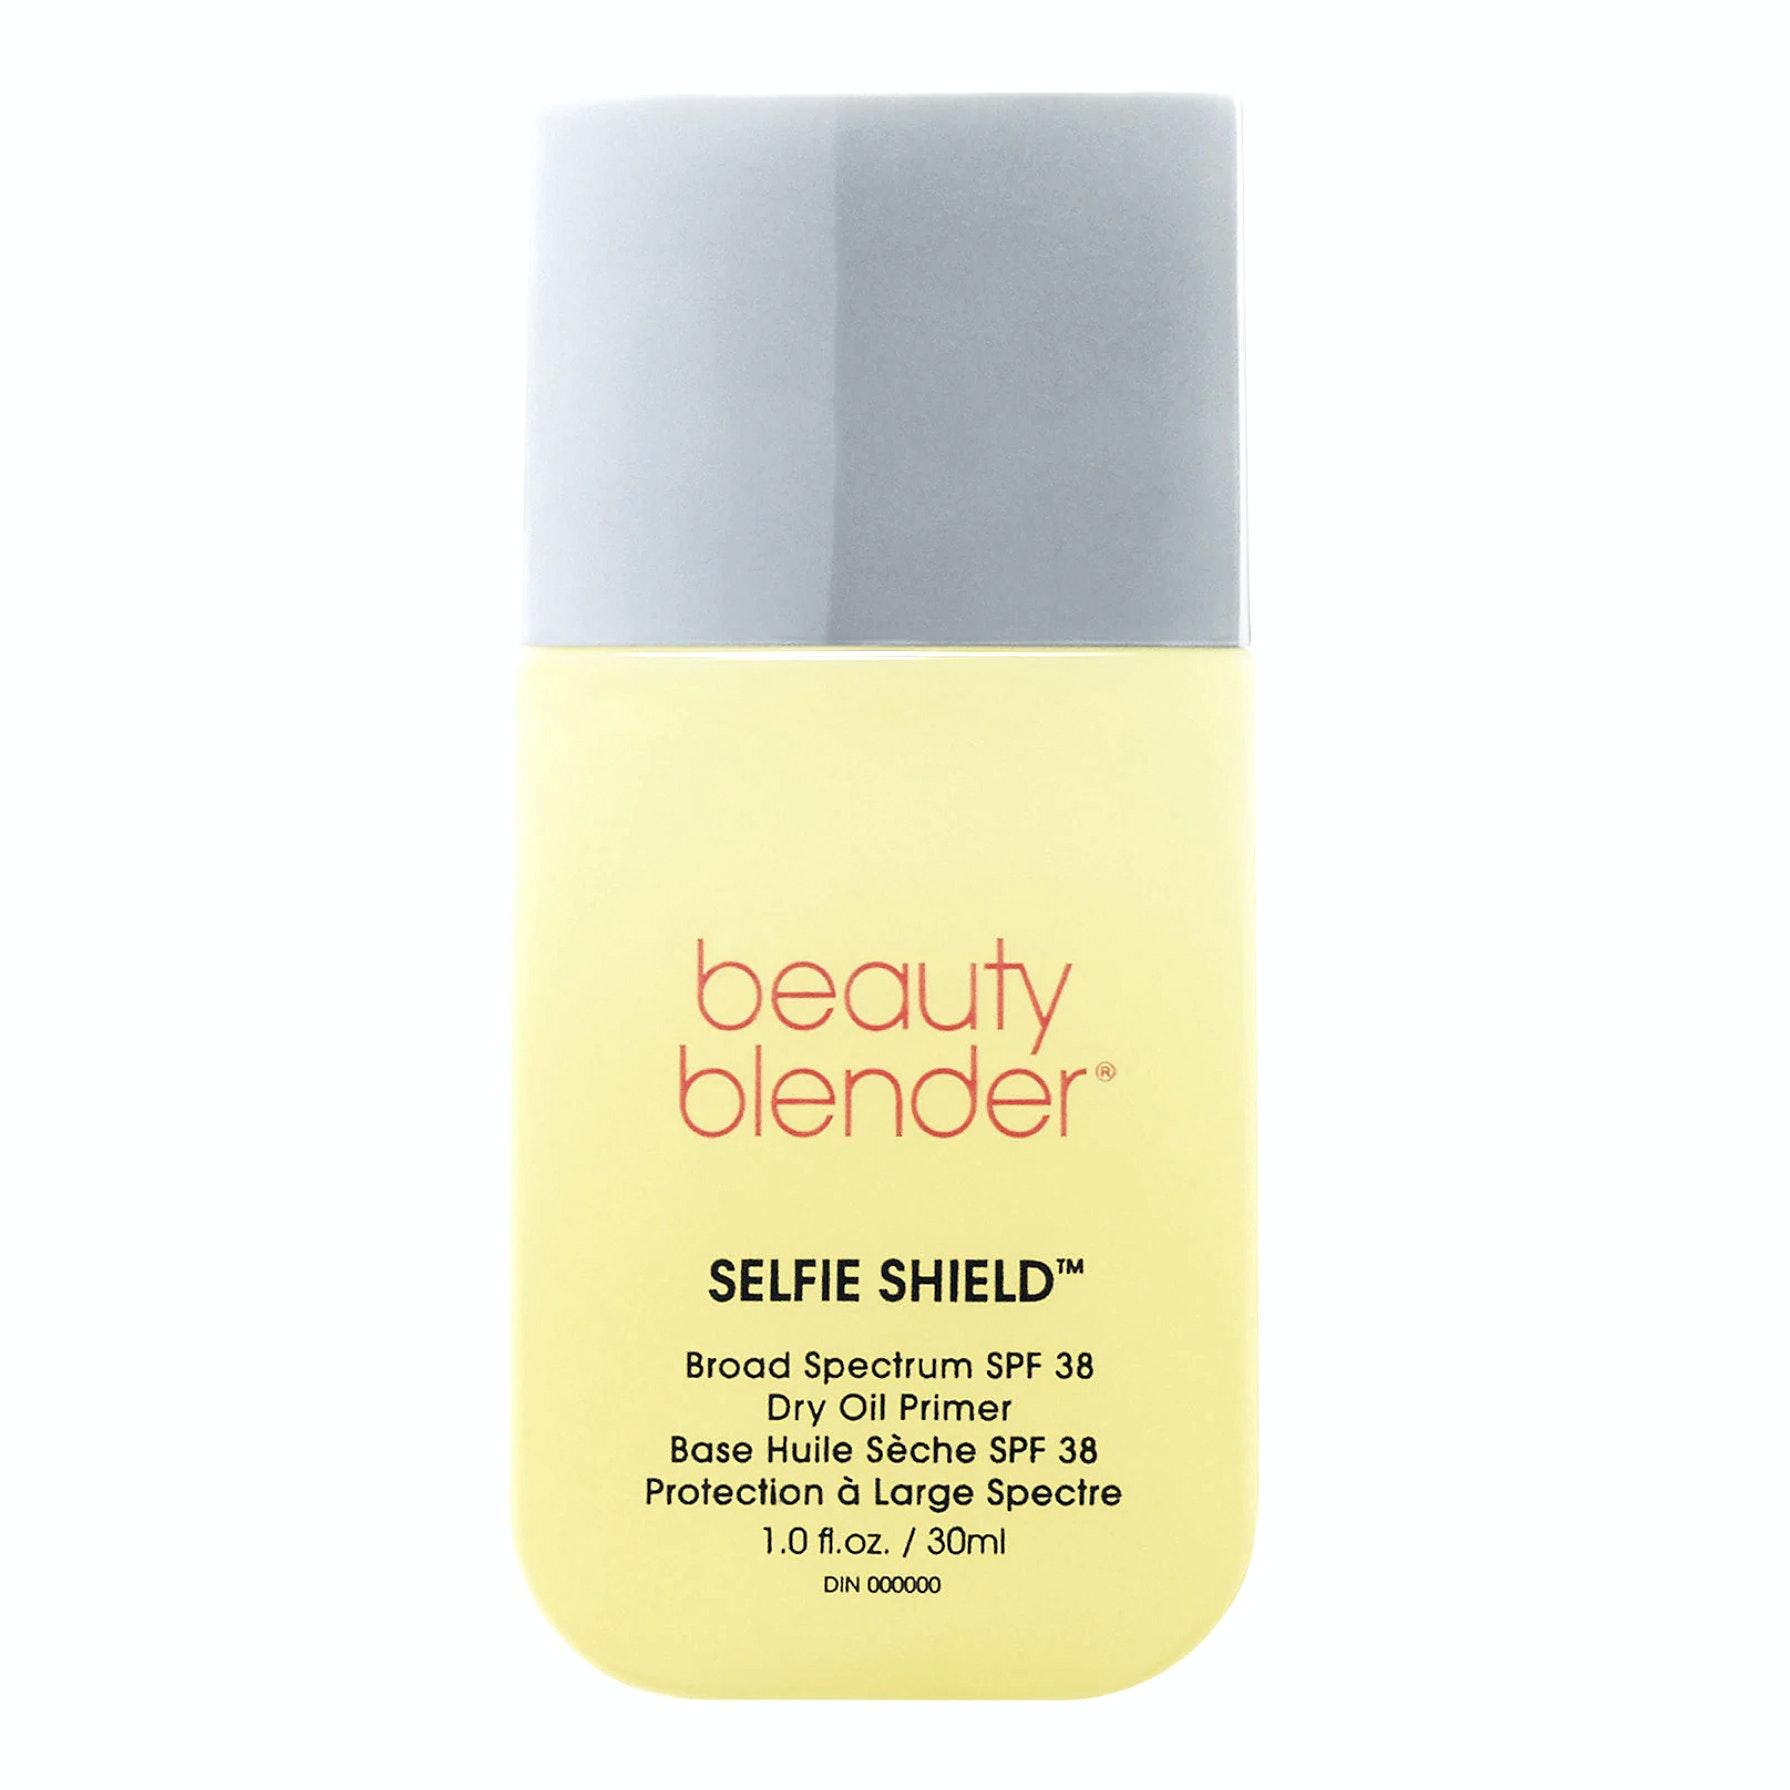 Beautyblender® Selfie Shield™ Broad Spectrum SPF 38 Dry Oil Primer